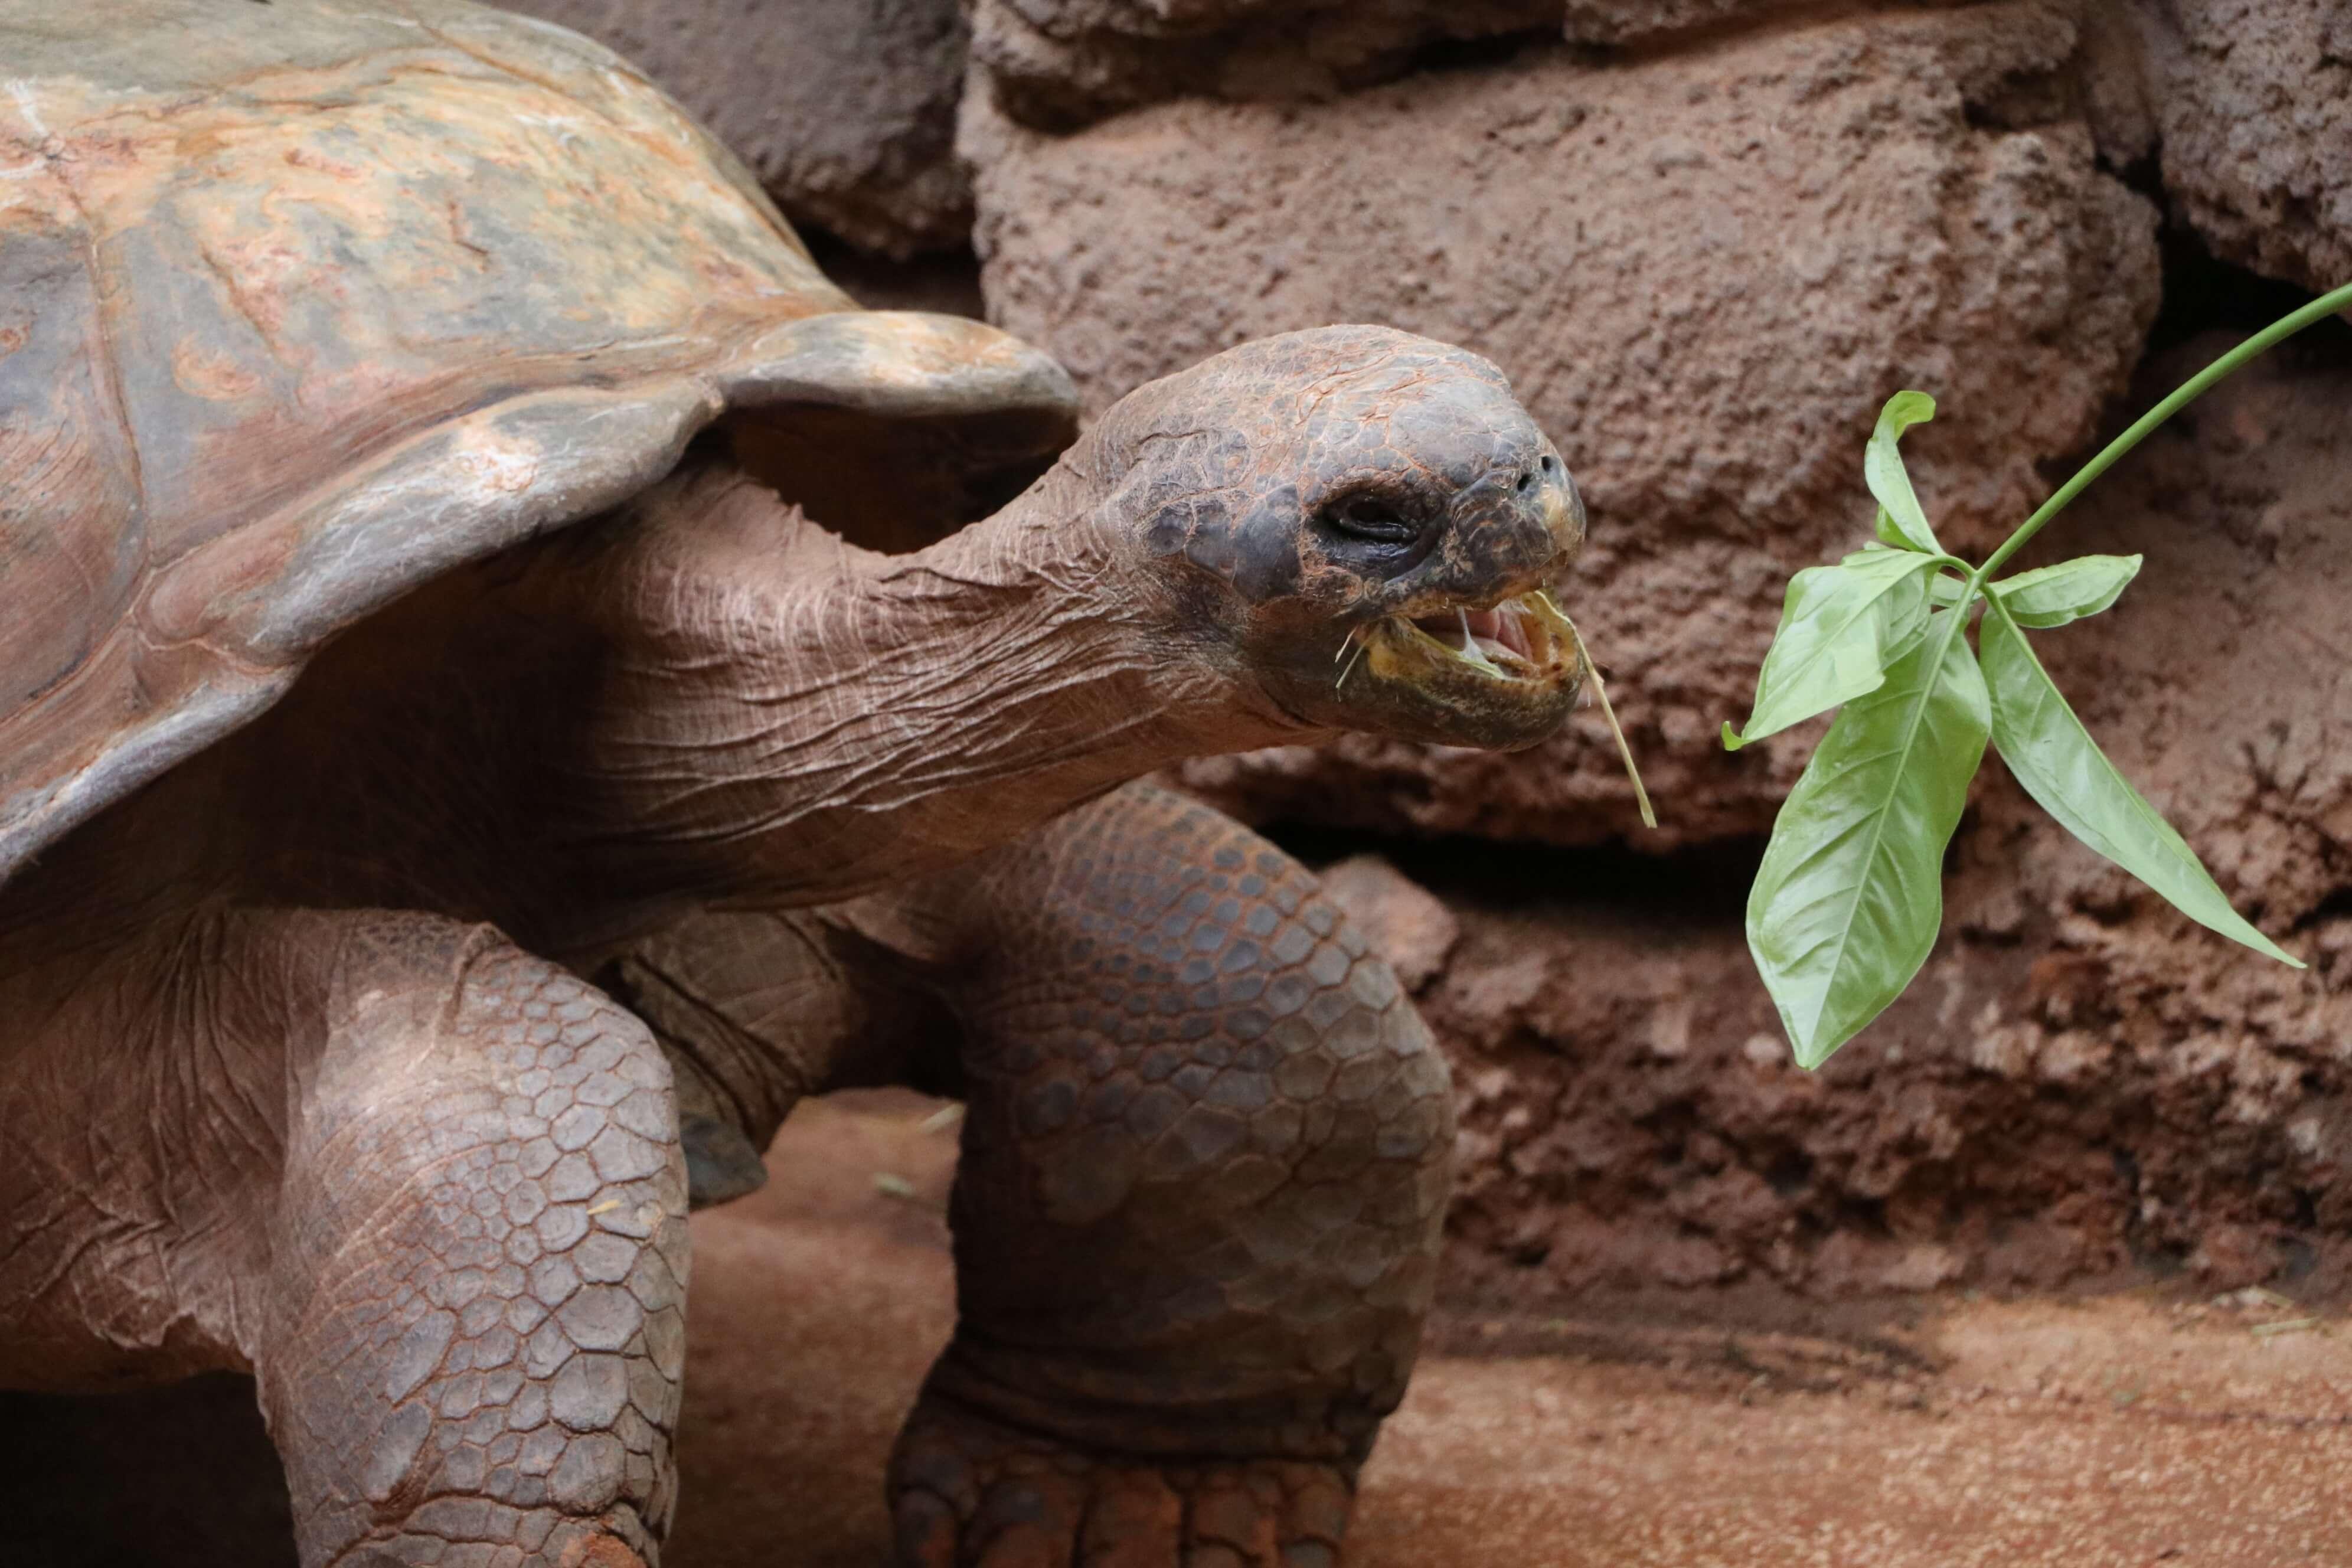 Blog - Oklahoma City Zoo Animals